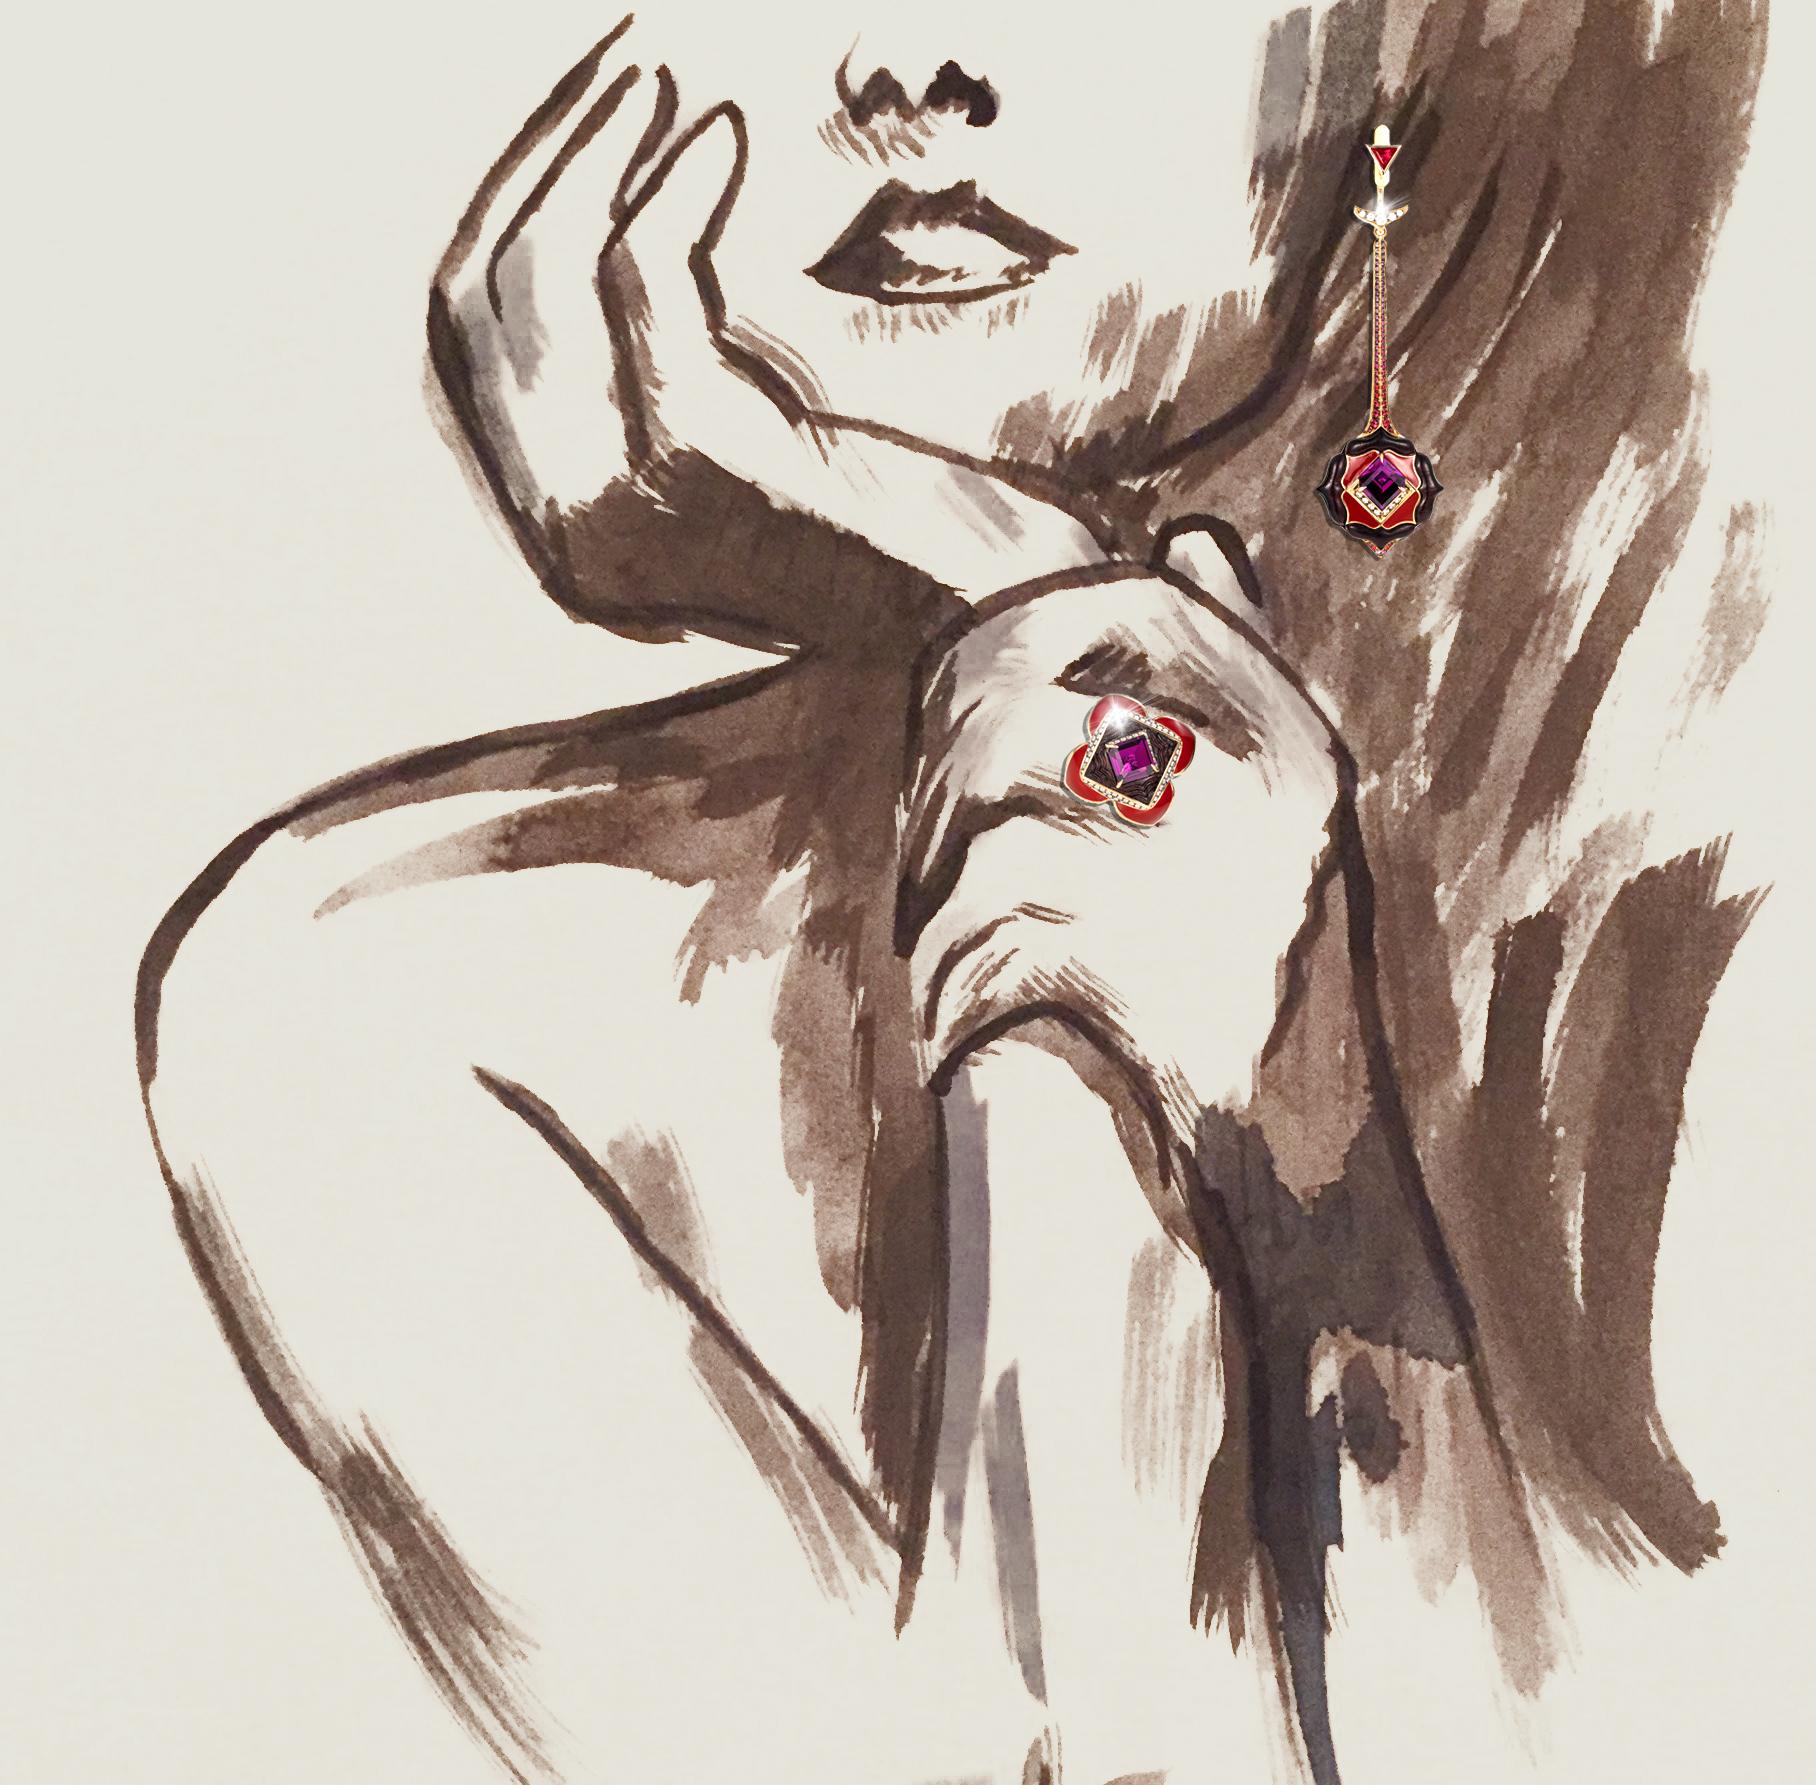 Noor Fares Muladahara earrings, ring (fare il click su earrings che ti porta a orecchini e su ring che ti porta al ring